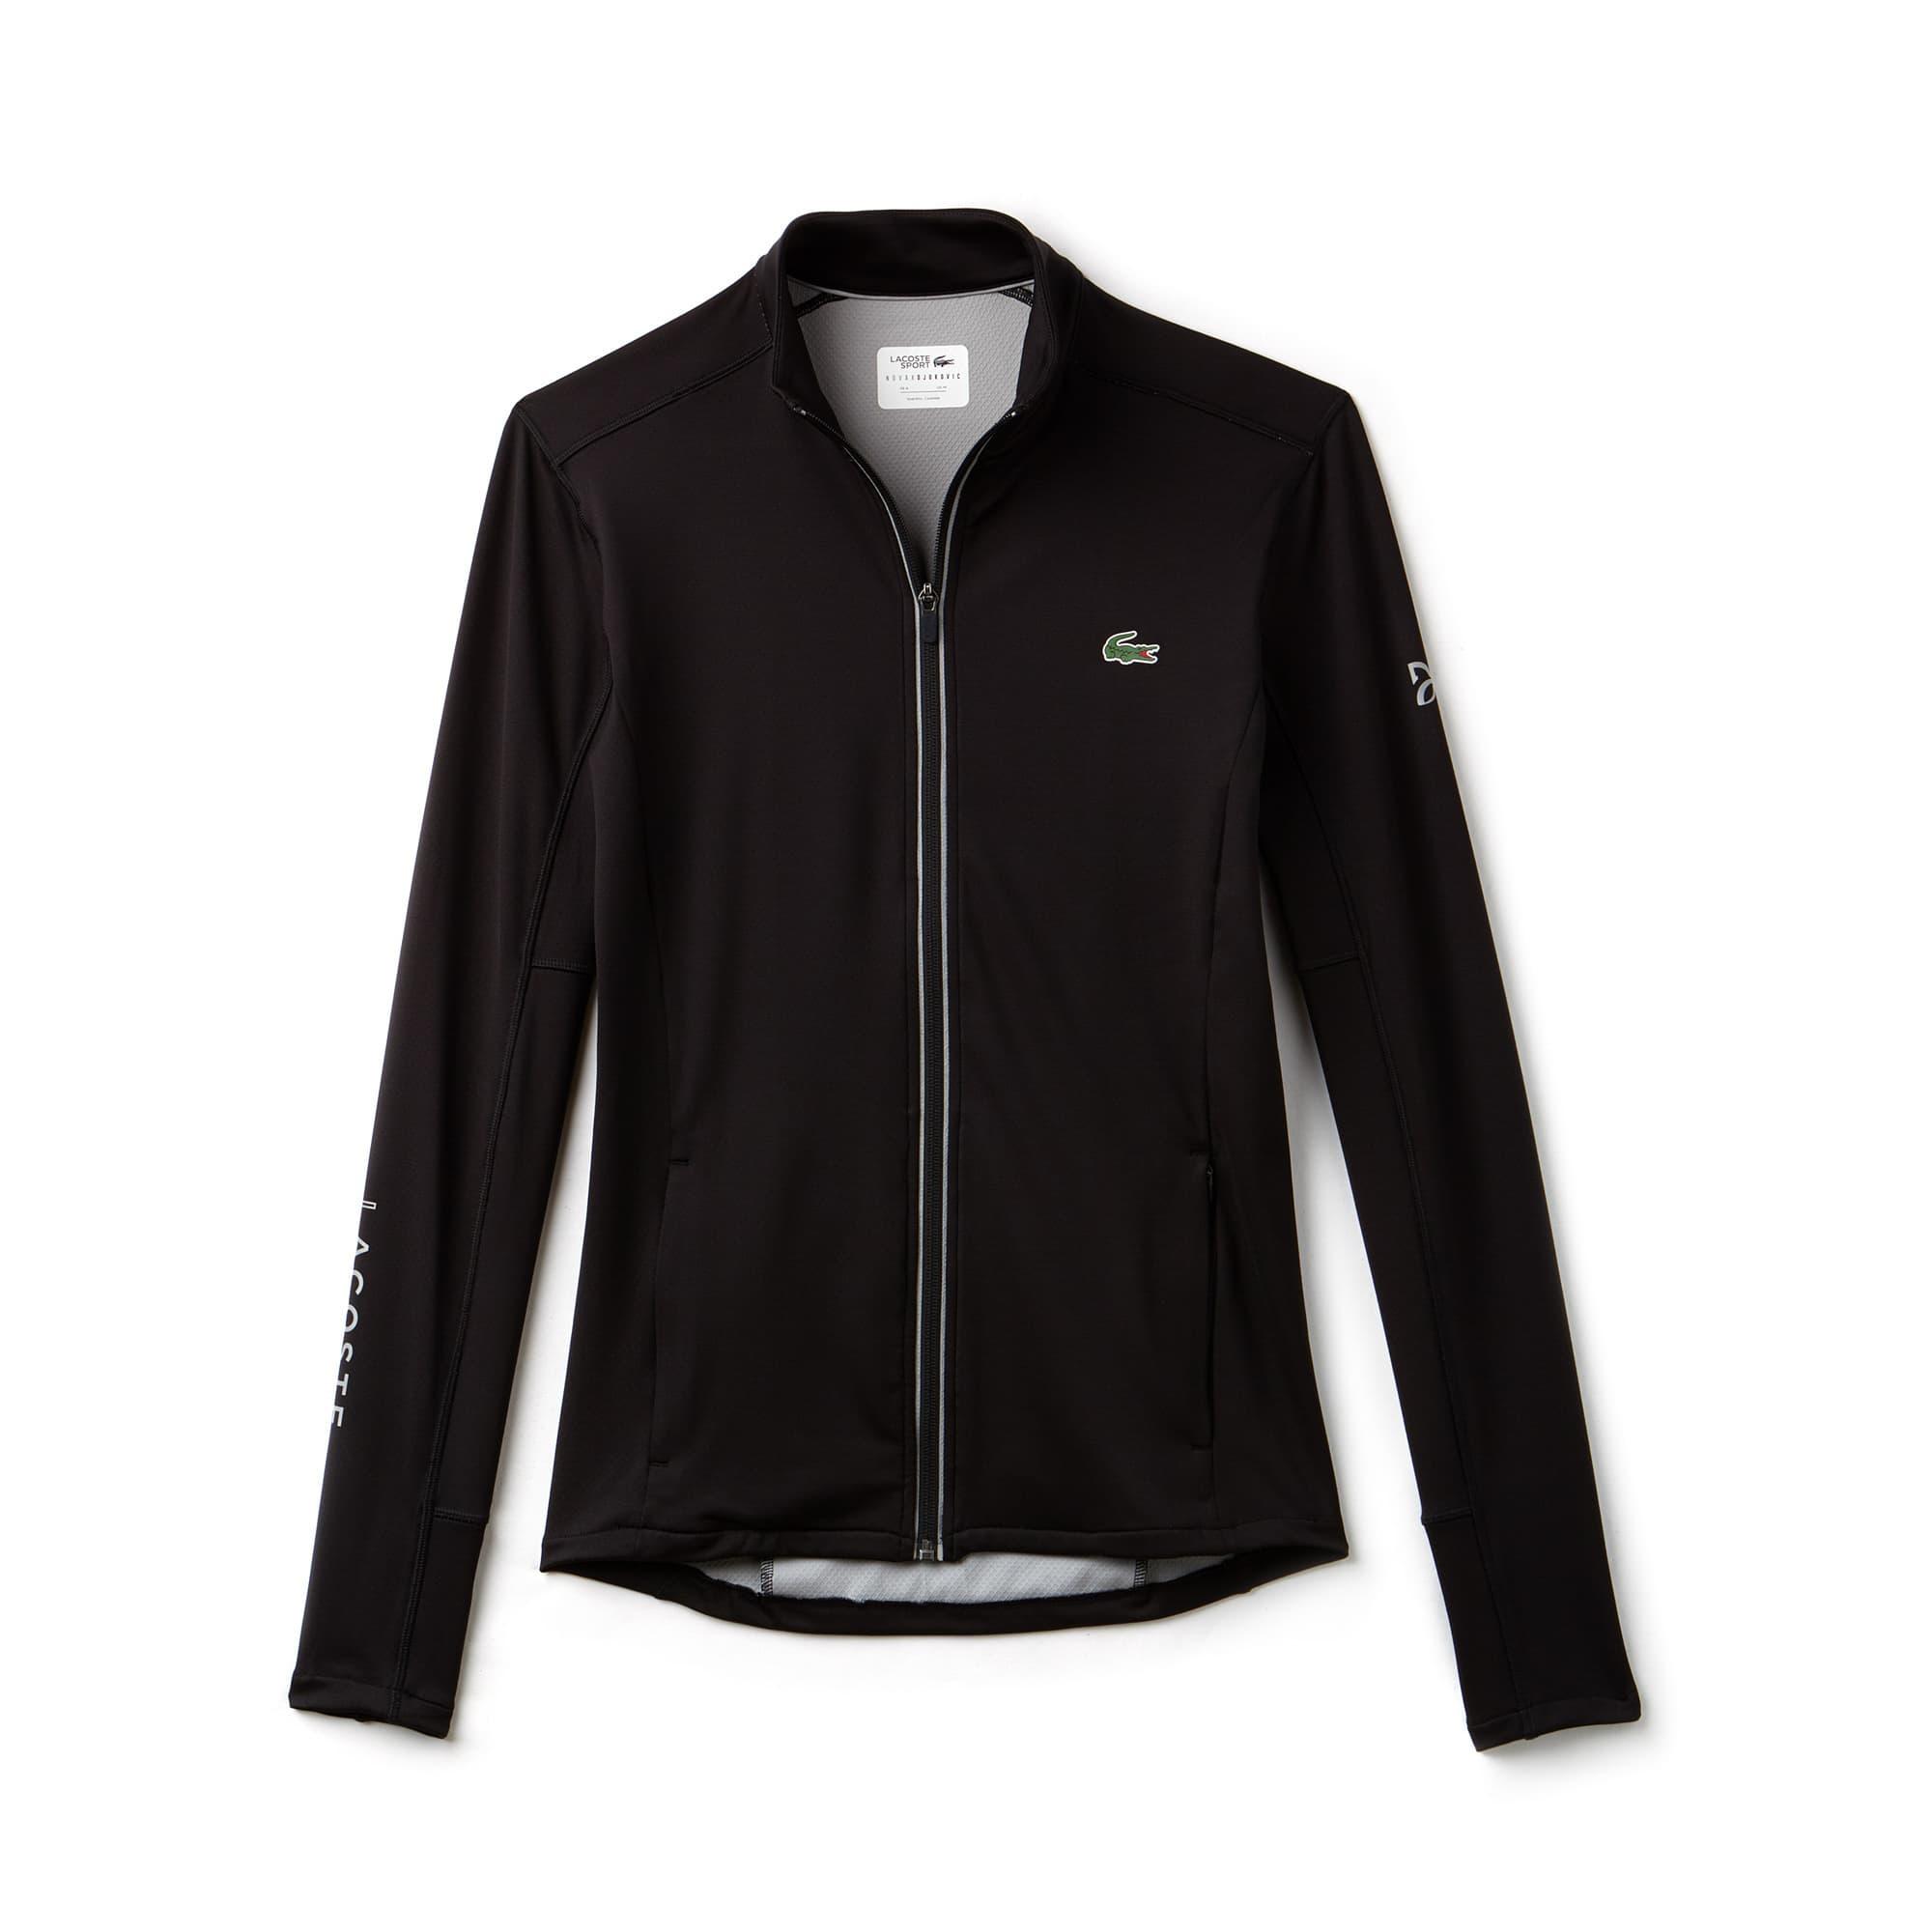 Men's SPORT Bicolor Midlayer Zip Sweatshirt - Novak Djokovic Supporter Collection